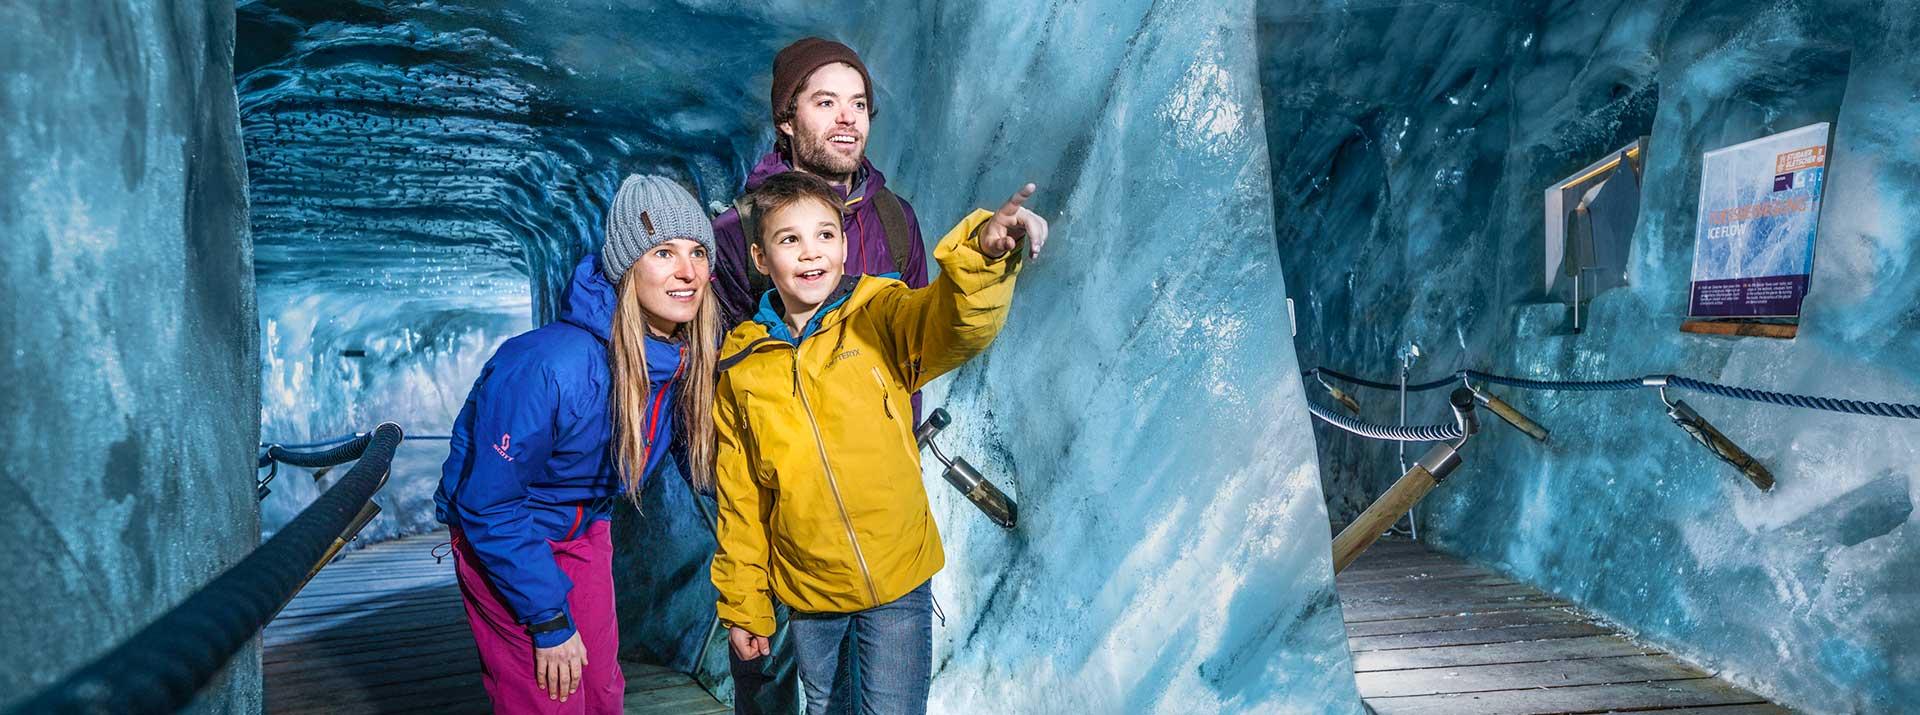 Besondere Einblicke in die Gletscherwelt in der Eishoehle am Stubaier Gletscher